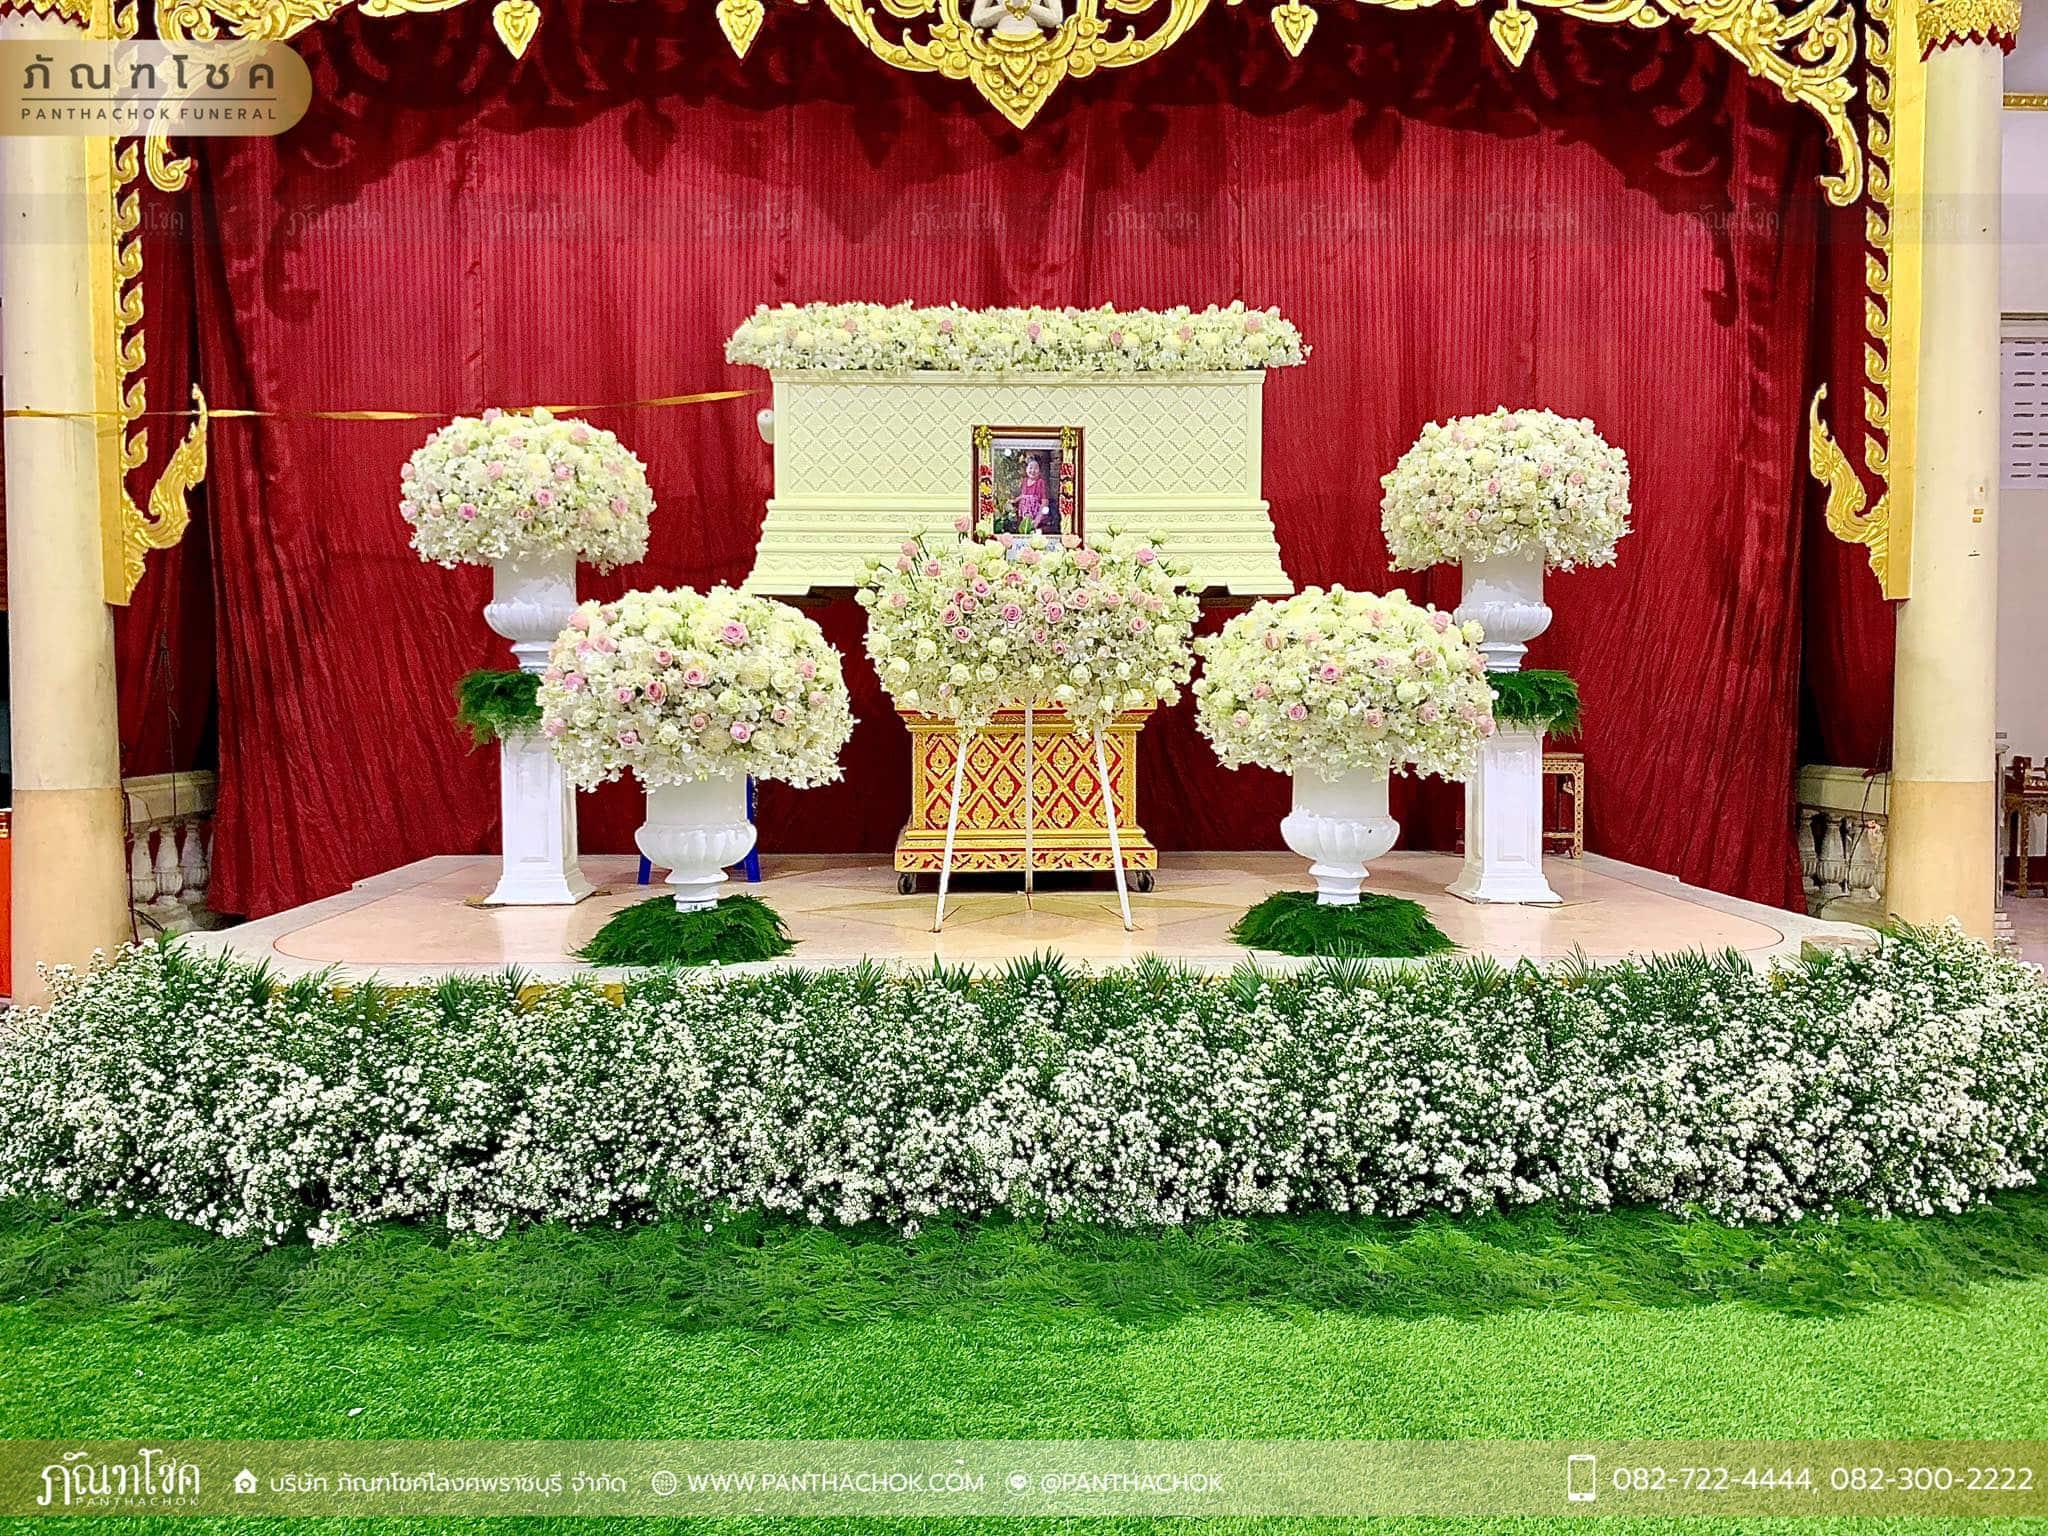 ดอกไม้งานศพราชบุรี ดอกไประดับหน้าหีบ ดอกไม้ชุดพุ่ม